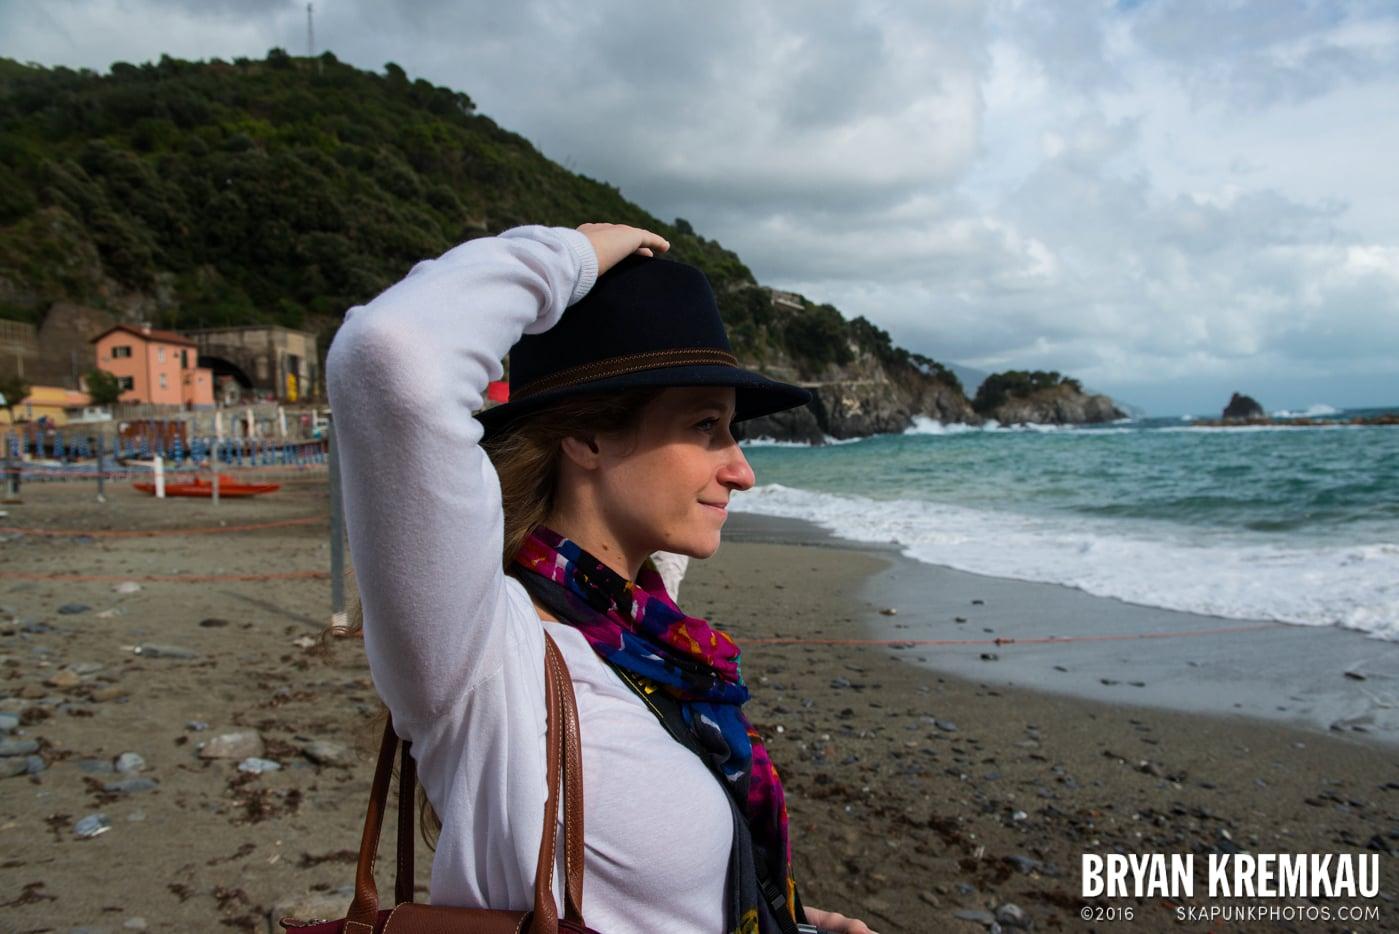 Italy Vacation - Day 10: Cinque Terre - 9.18.13 (11)